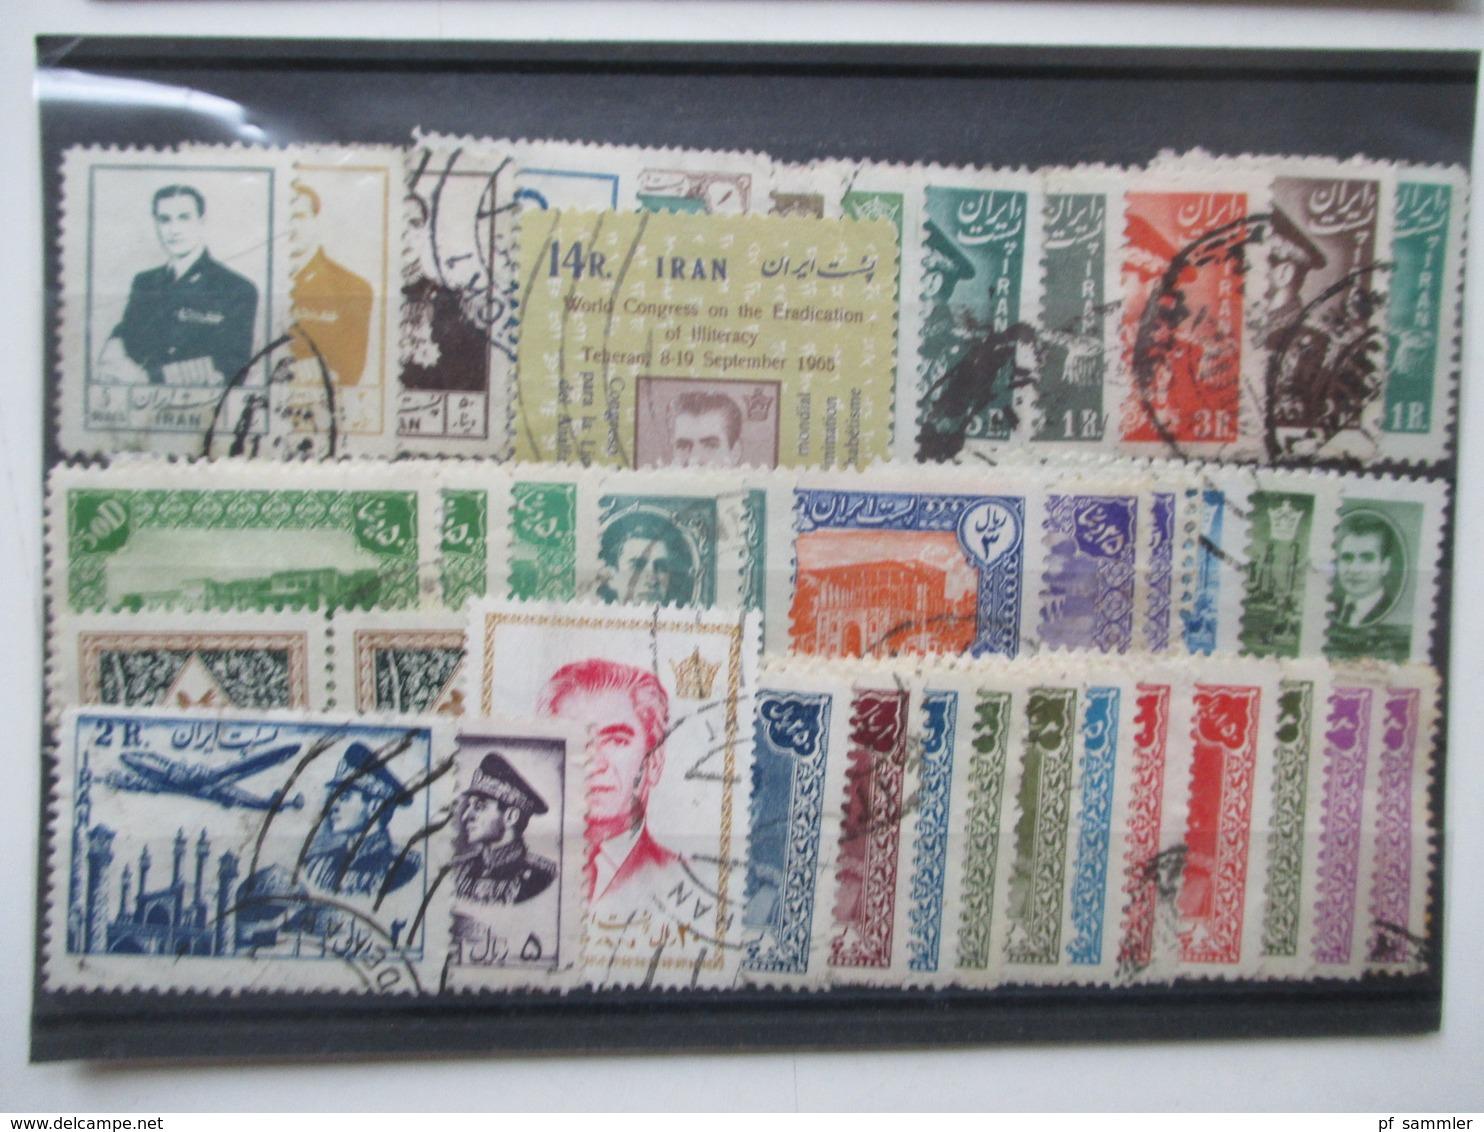 Steckkarten Posten 155 Stk.Europa - Übersee GB / Frankreich Kolonien Mit Afrika Usw. Alt - Neu Mehr Als 3000 Marken - Briefmarken